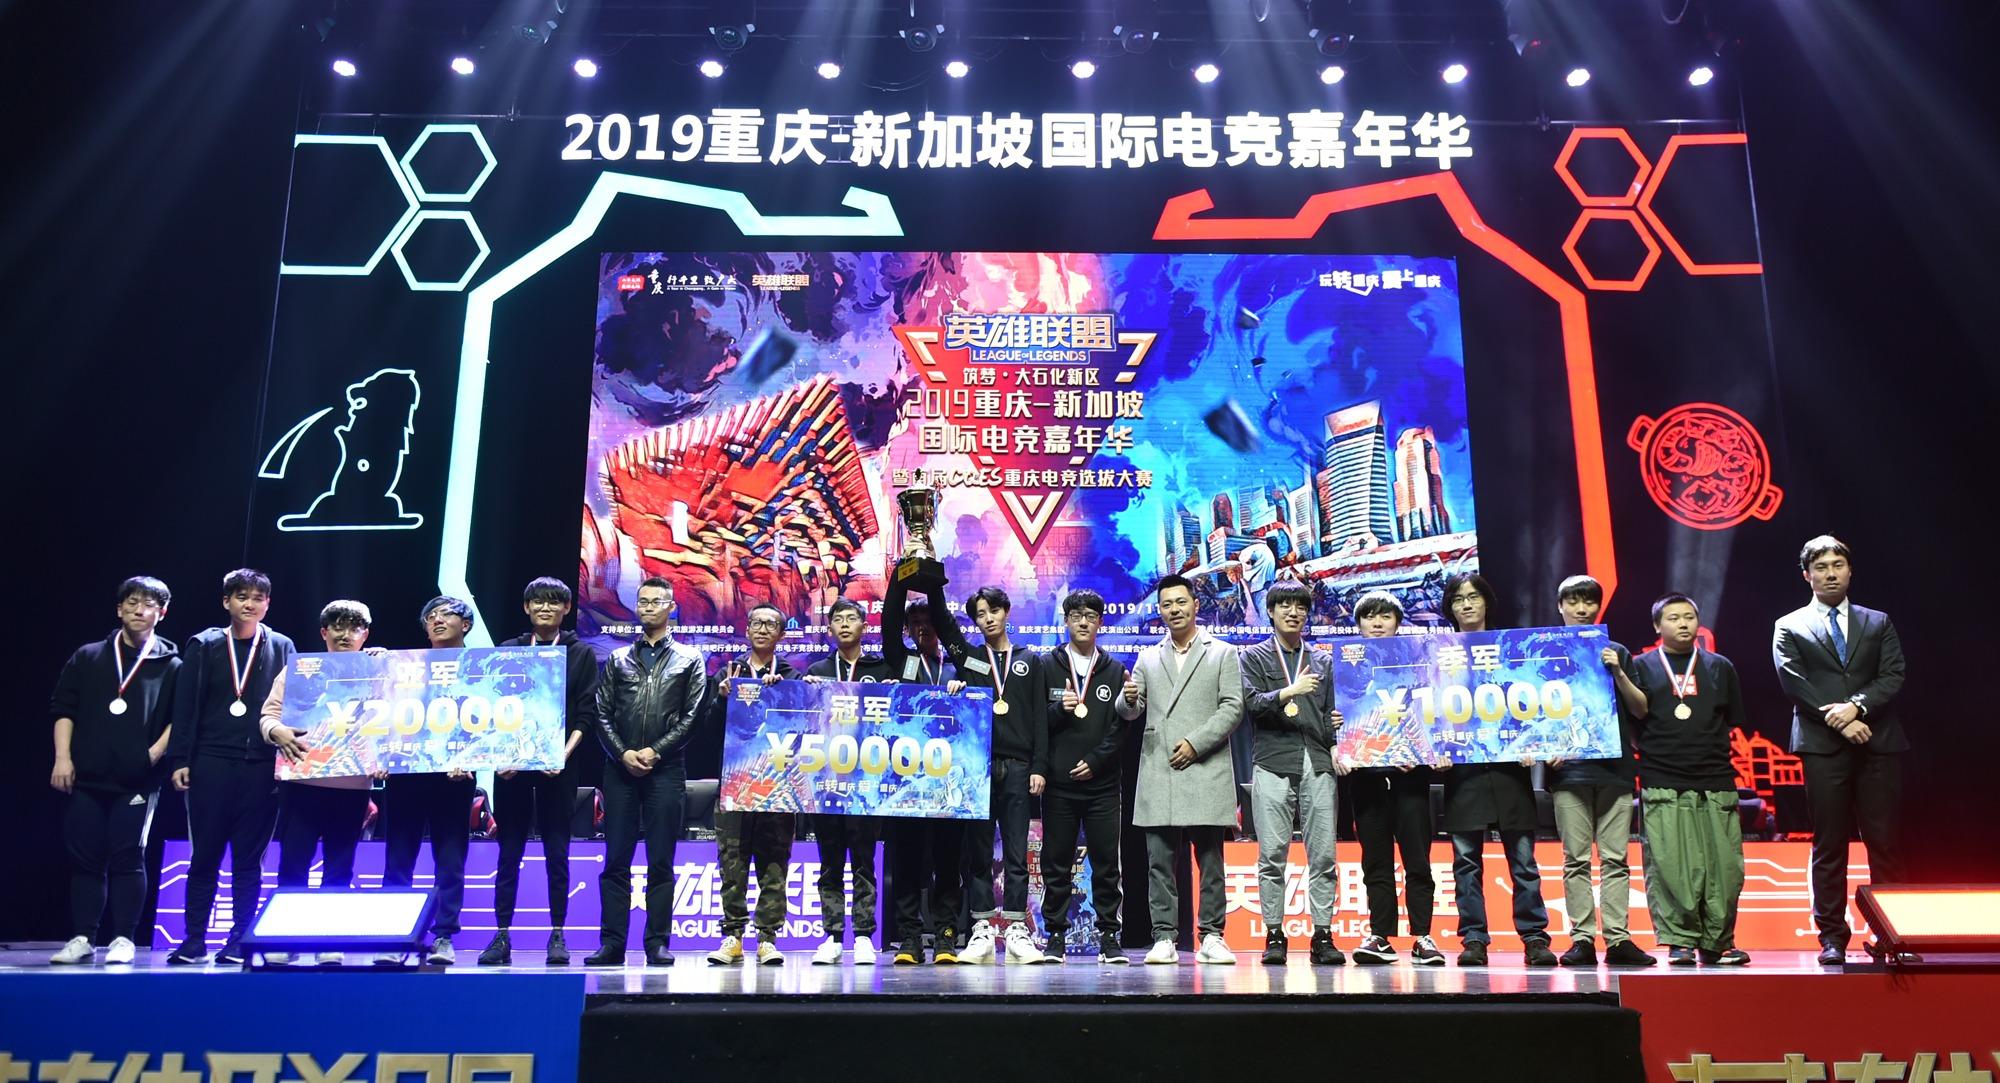 重庆-新加坡国际电竞嘉年华拓文旅交流